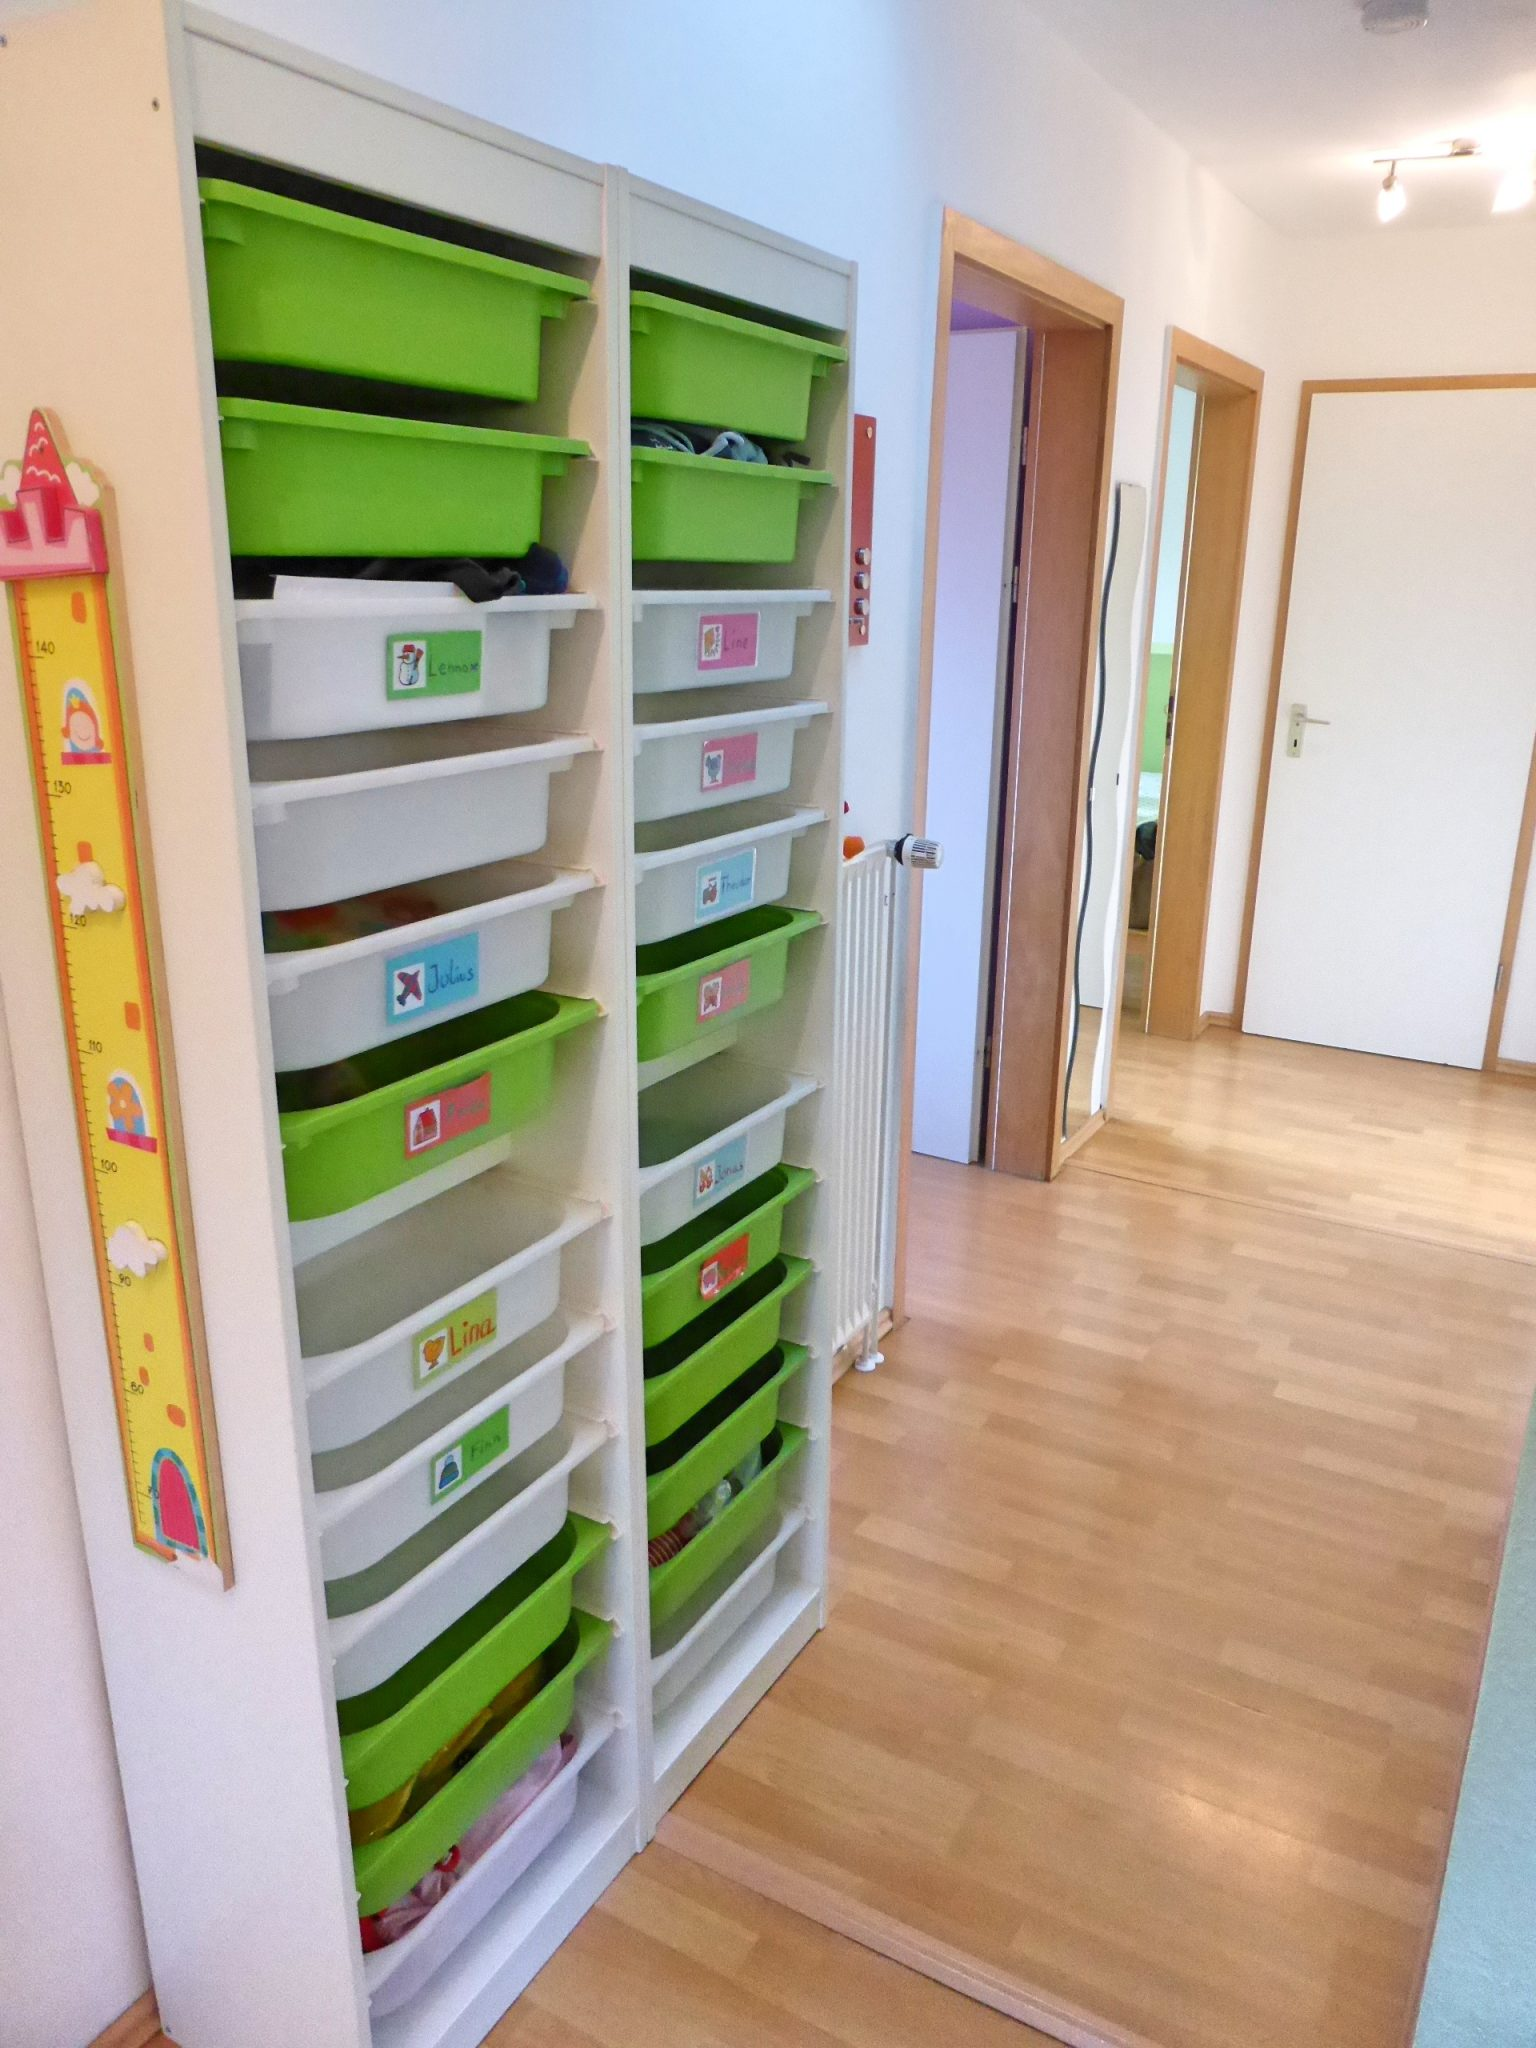 empfangsbereich-4-kita-kid-zone-kinderbetreuung